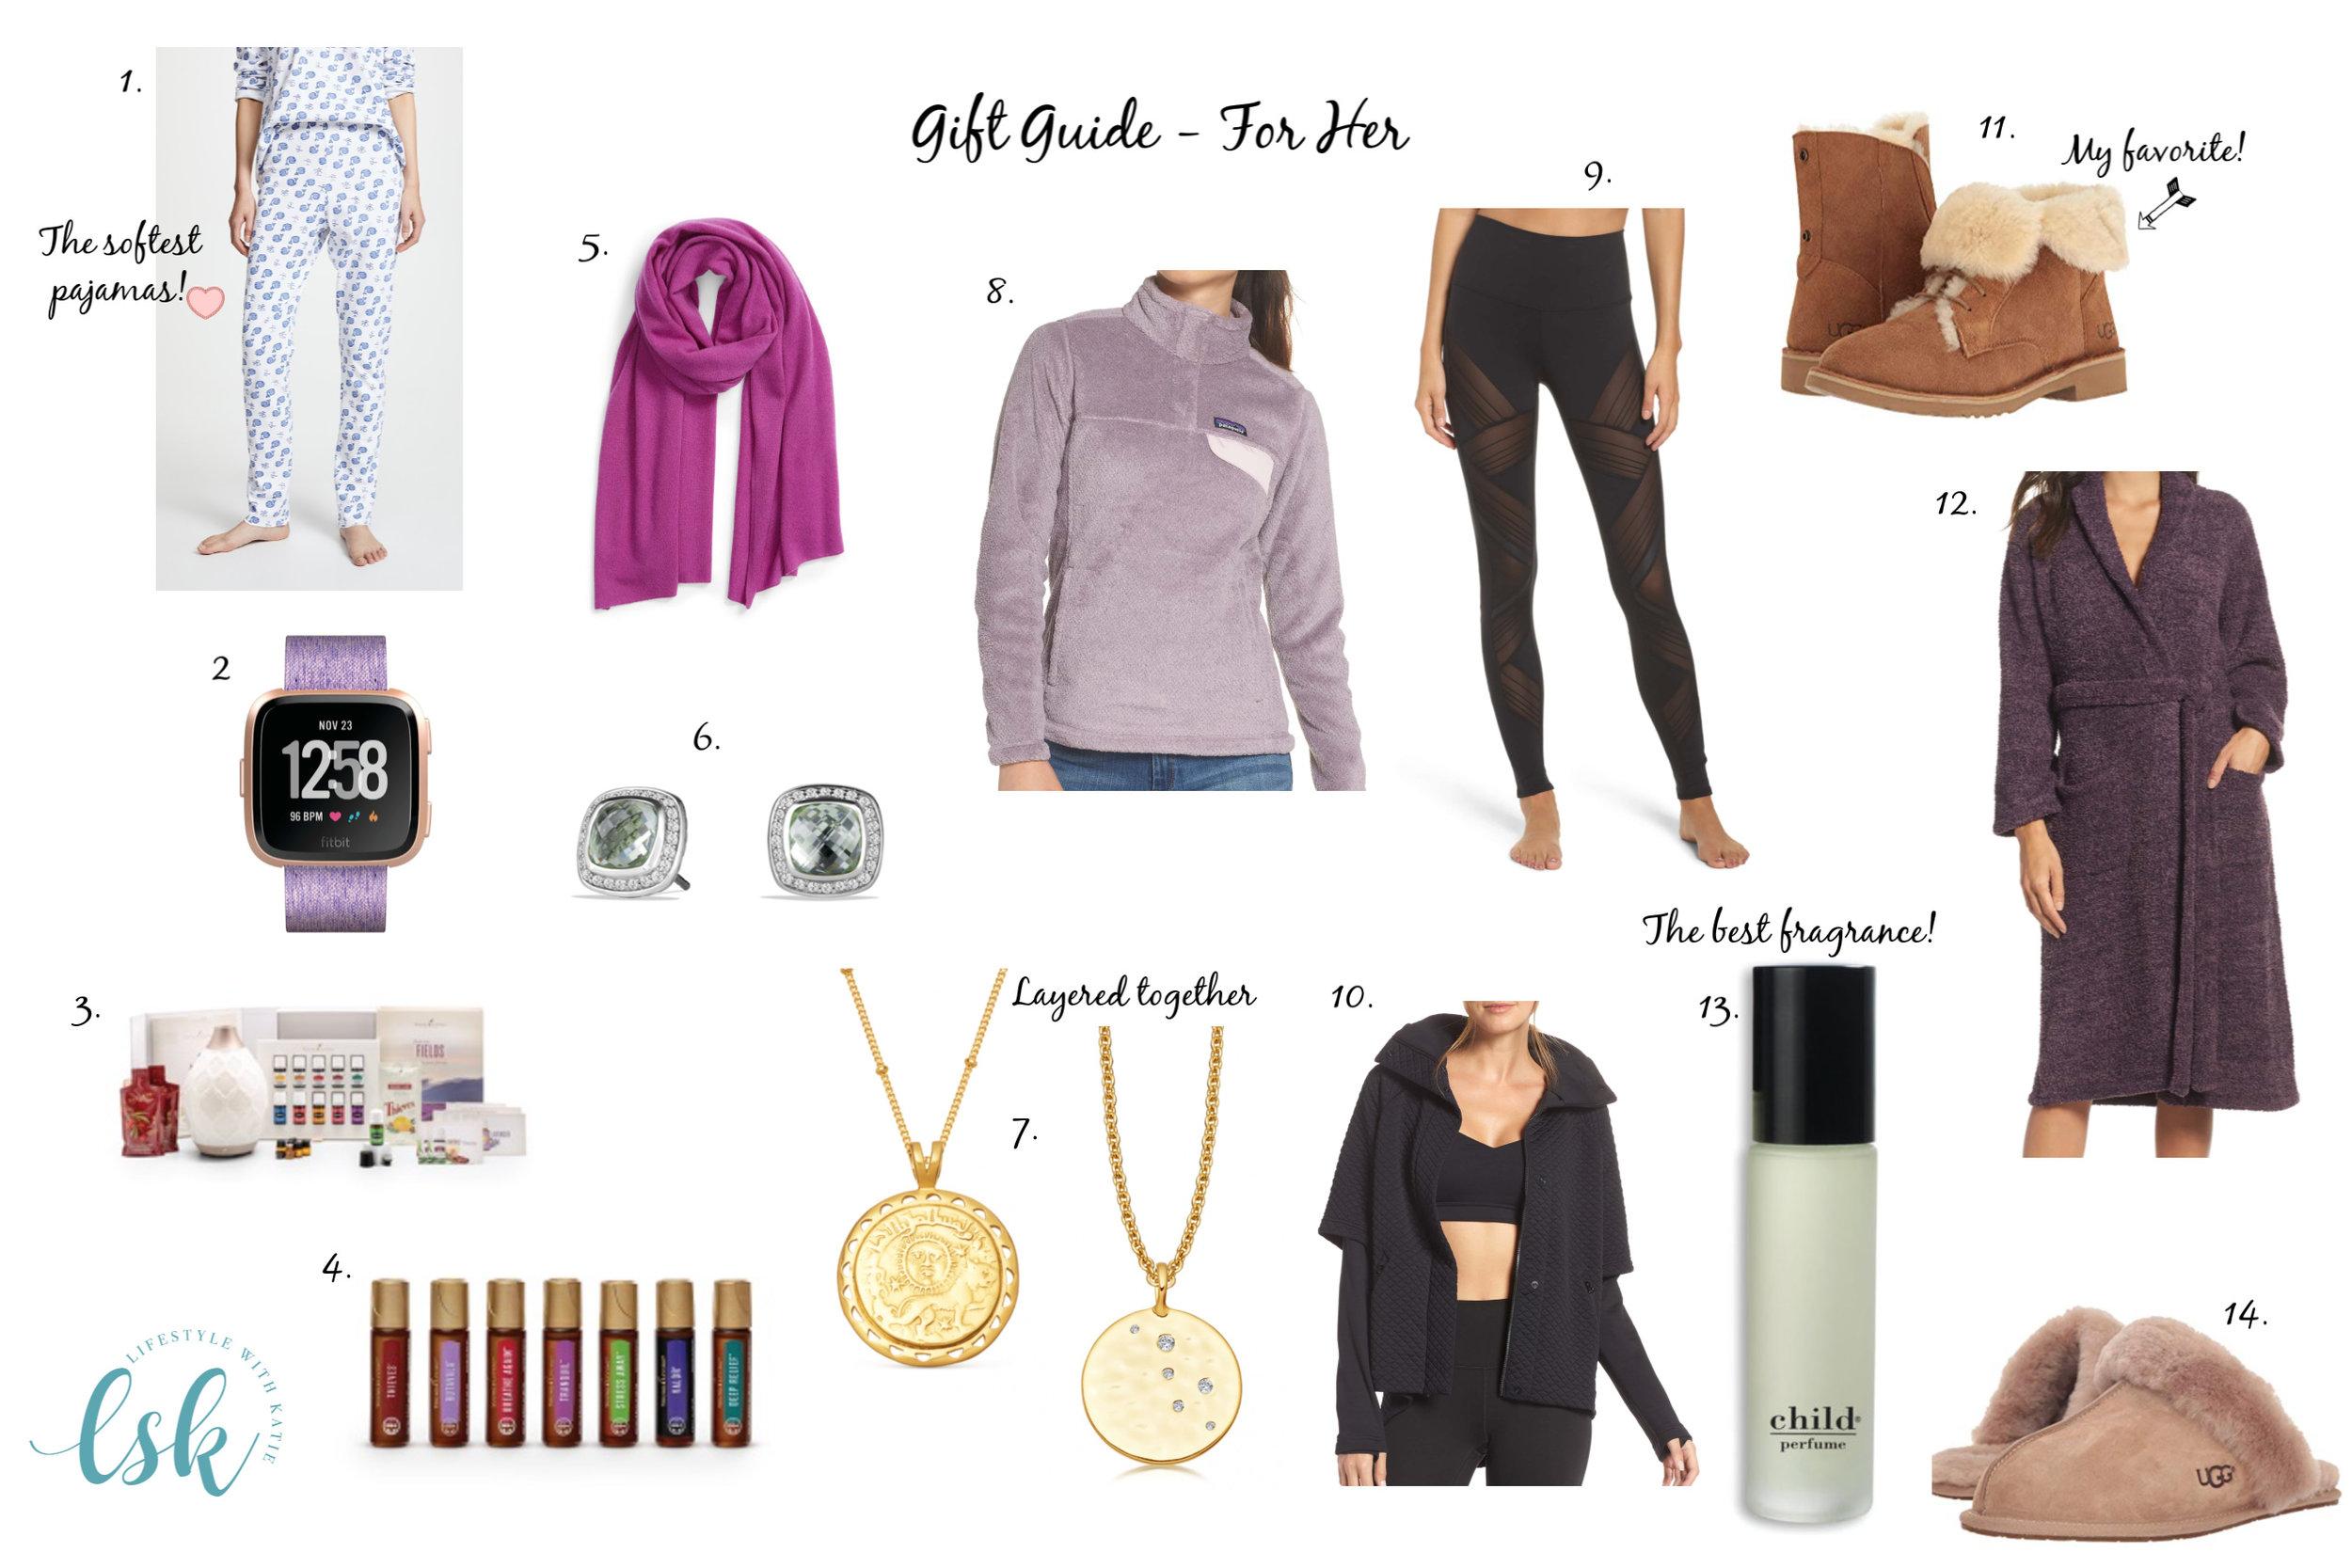 Gift Guide - Ladies.jpg